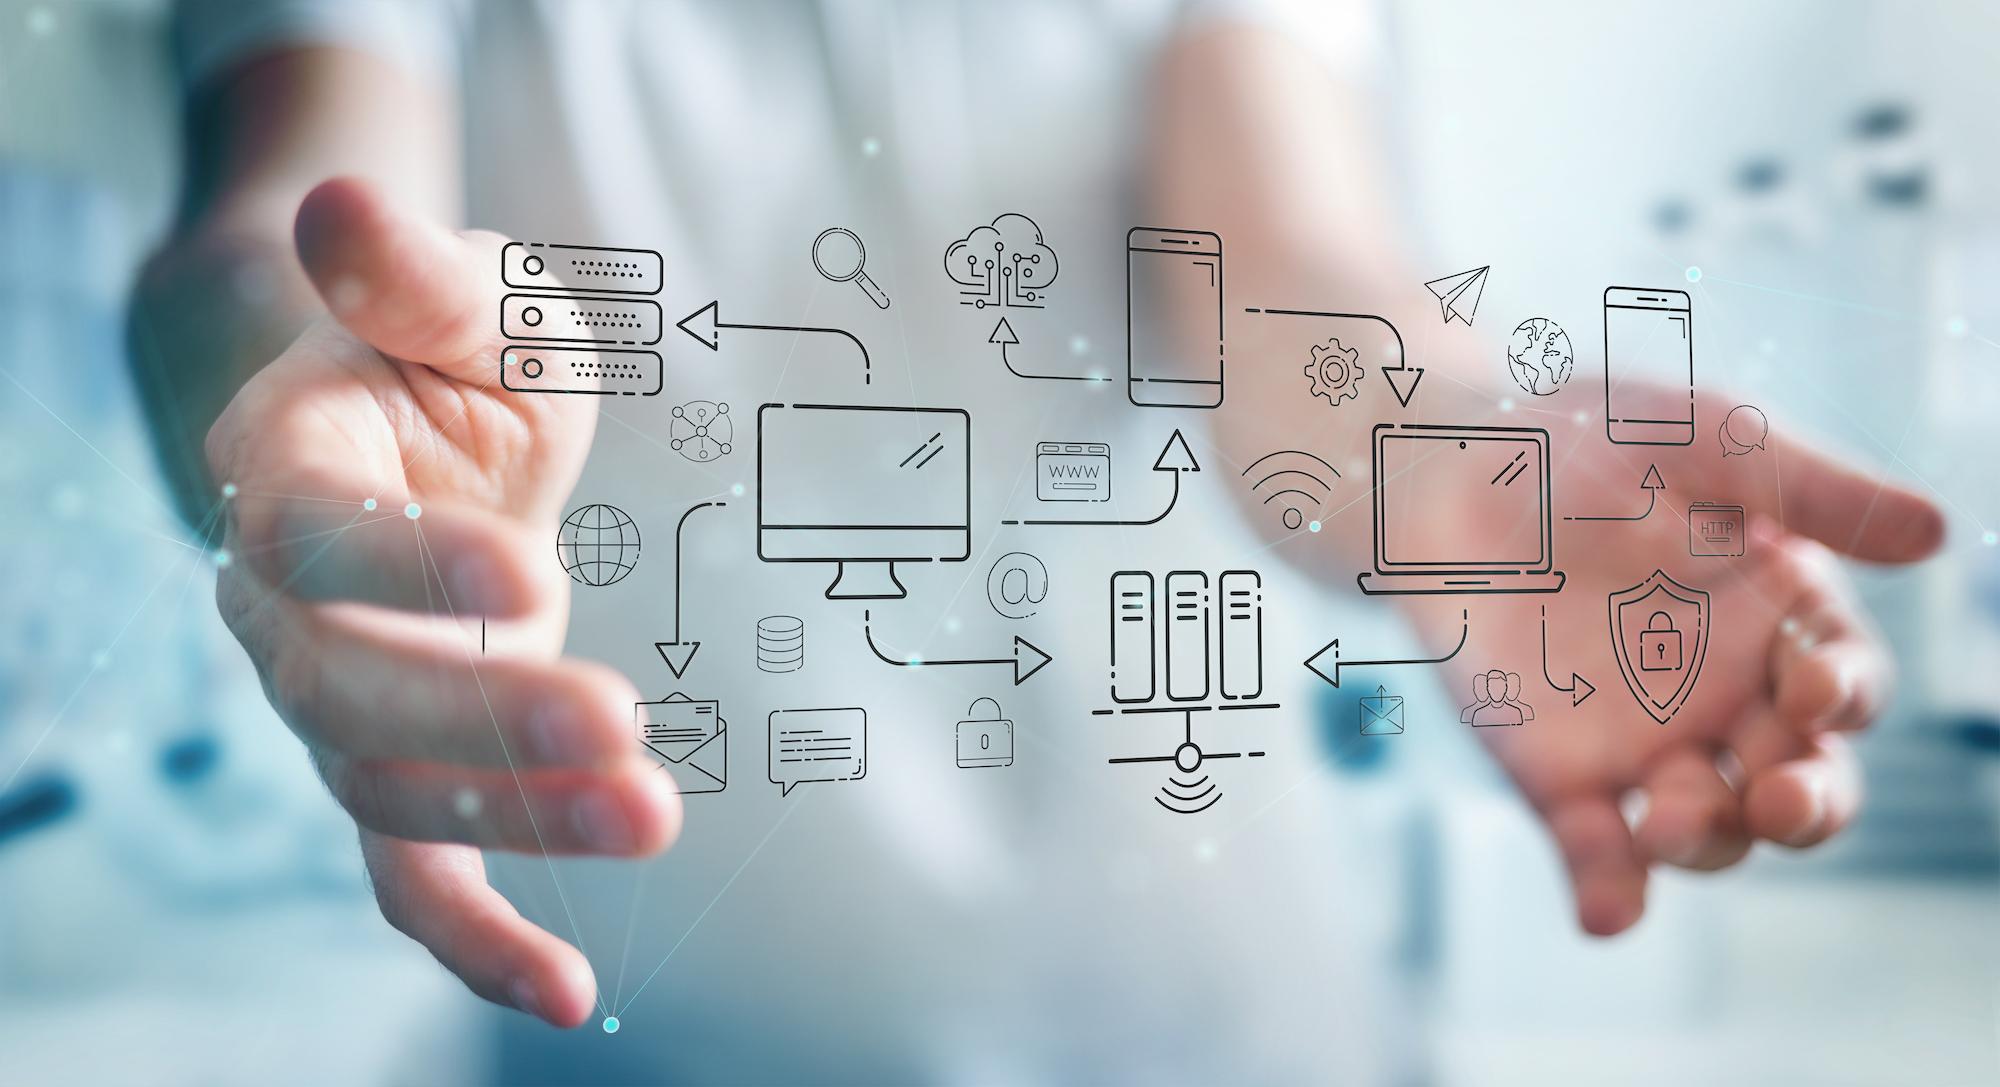 Fase 2 della pandemia; la tecnologia può rappresentare il punto zero di un nuovo inizio per le professioni?